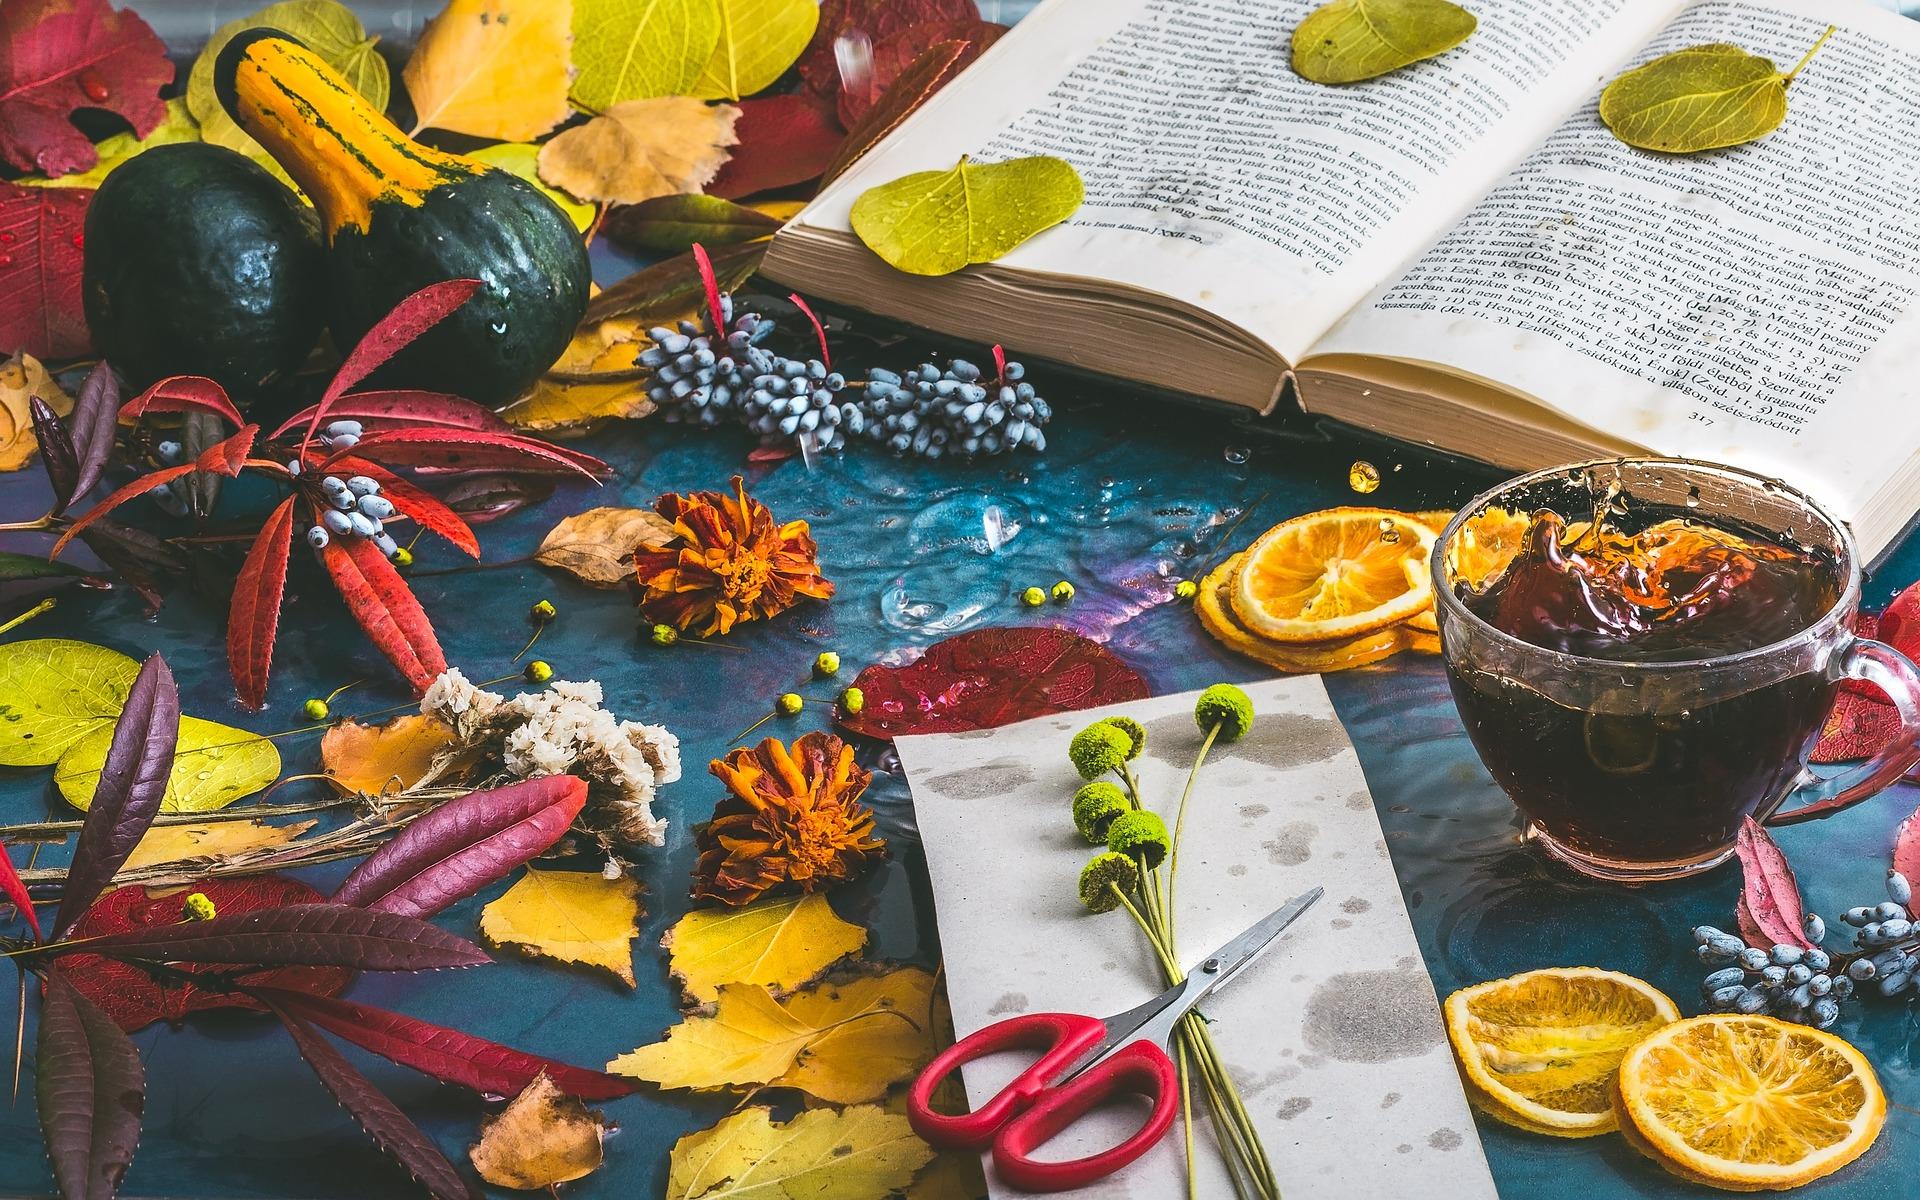 autumn-mood-1229981_1920